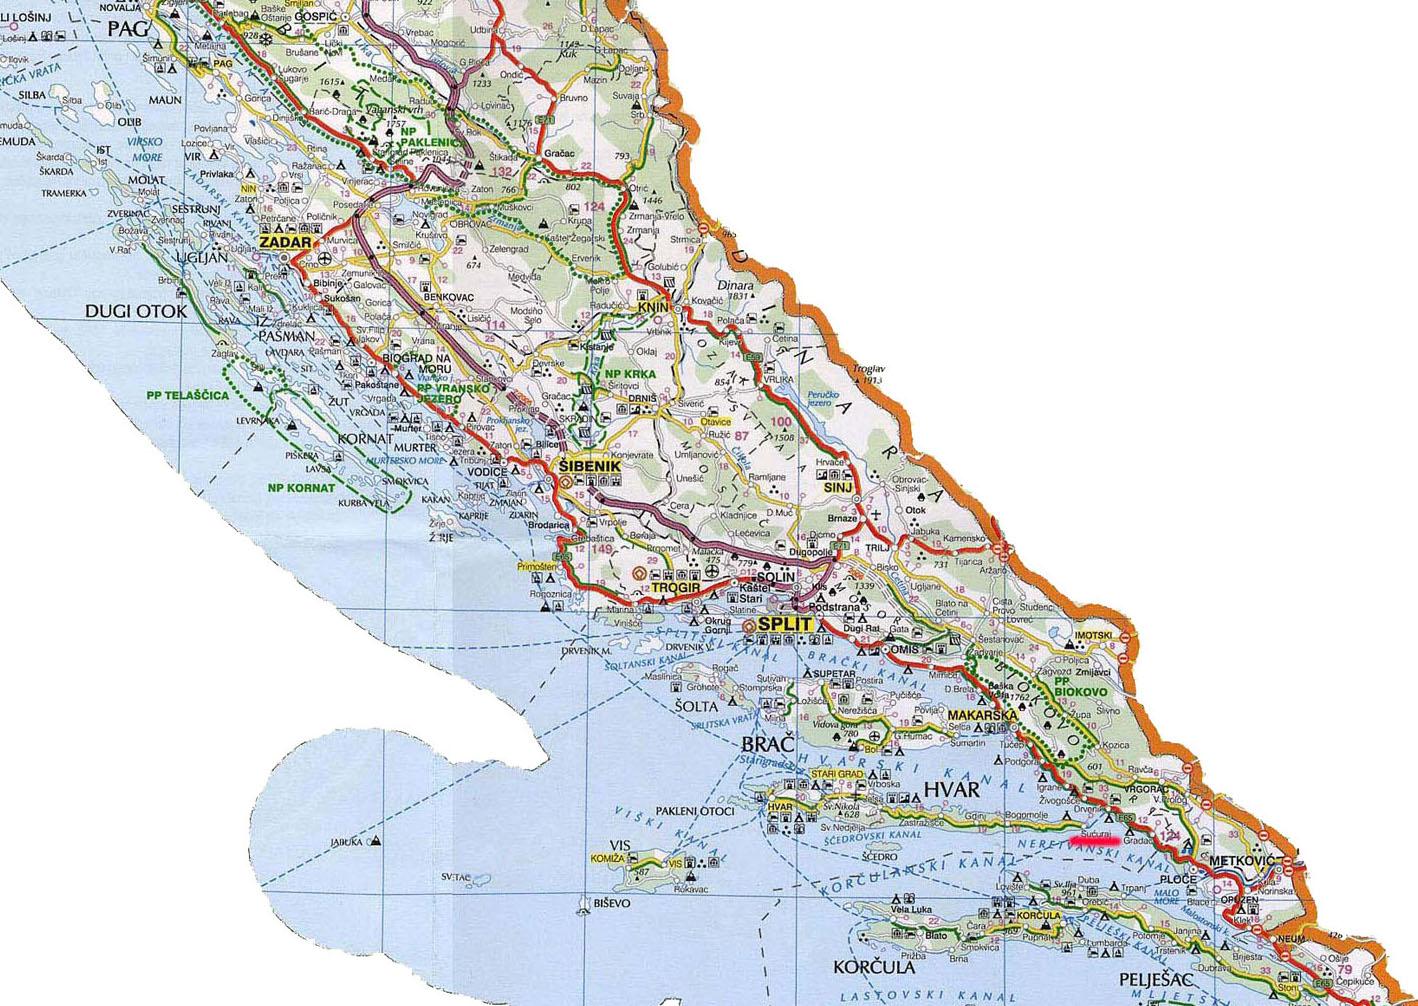 Karta Auto Karta Srednje Dalmacije